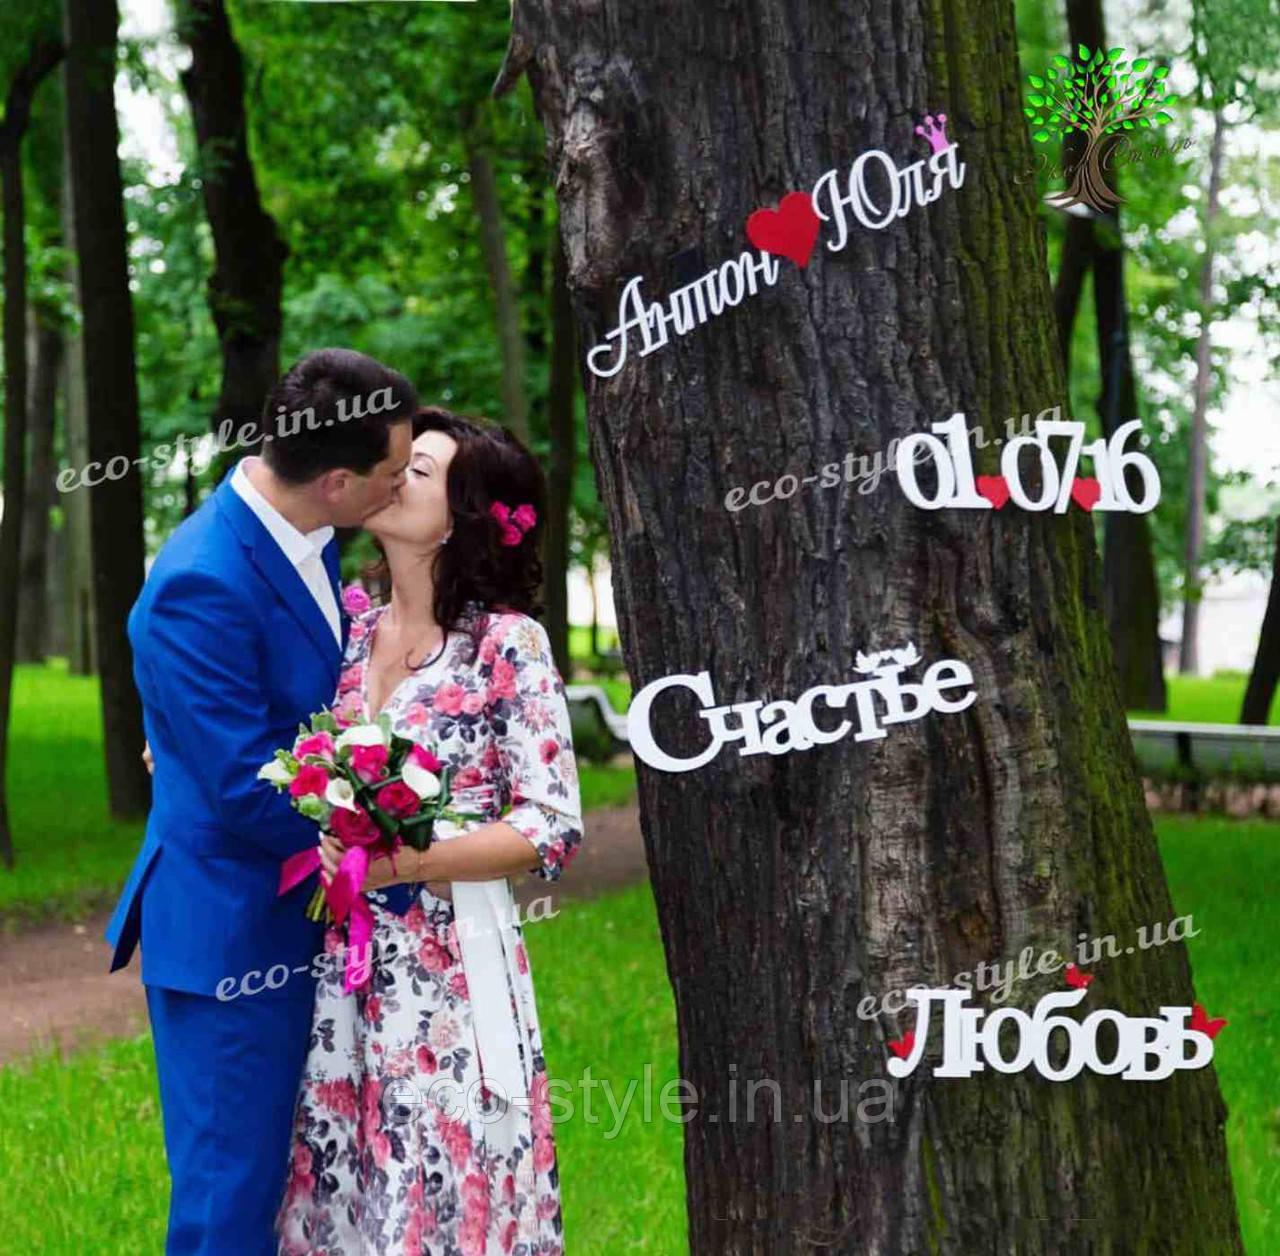 Слово из дерева, декор на свадьбу, декор для фотосессии